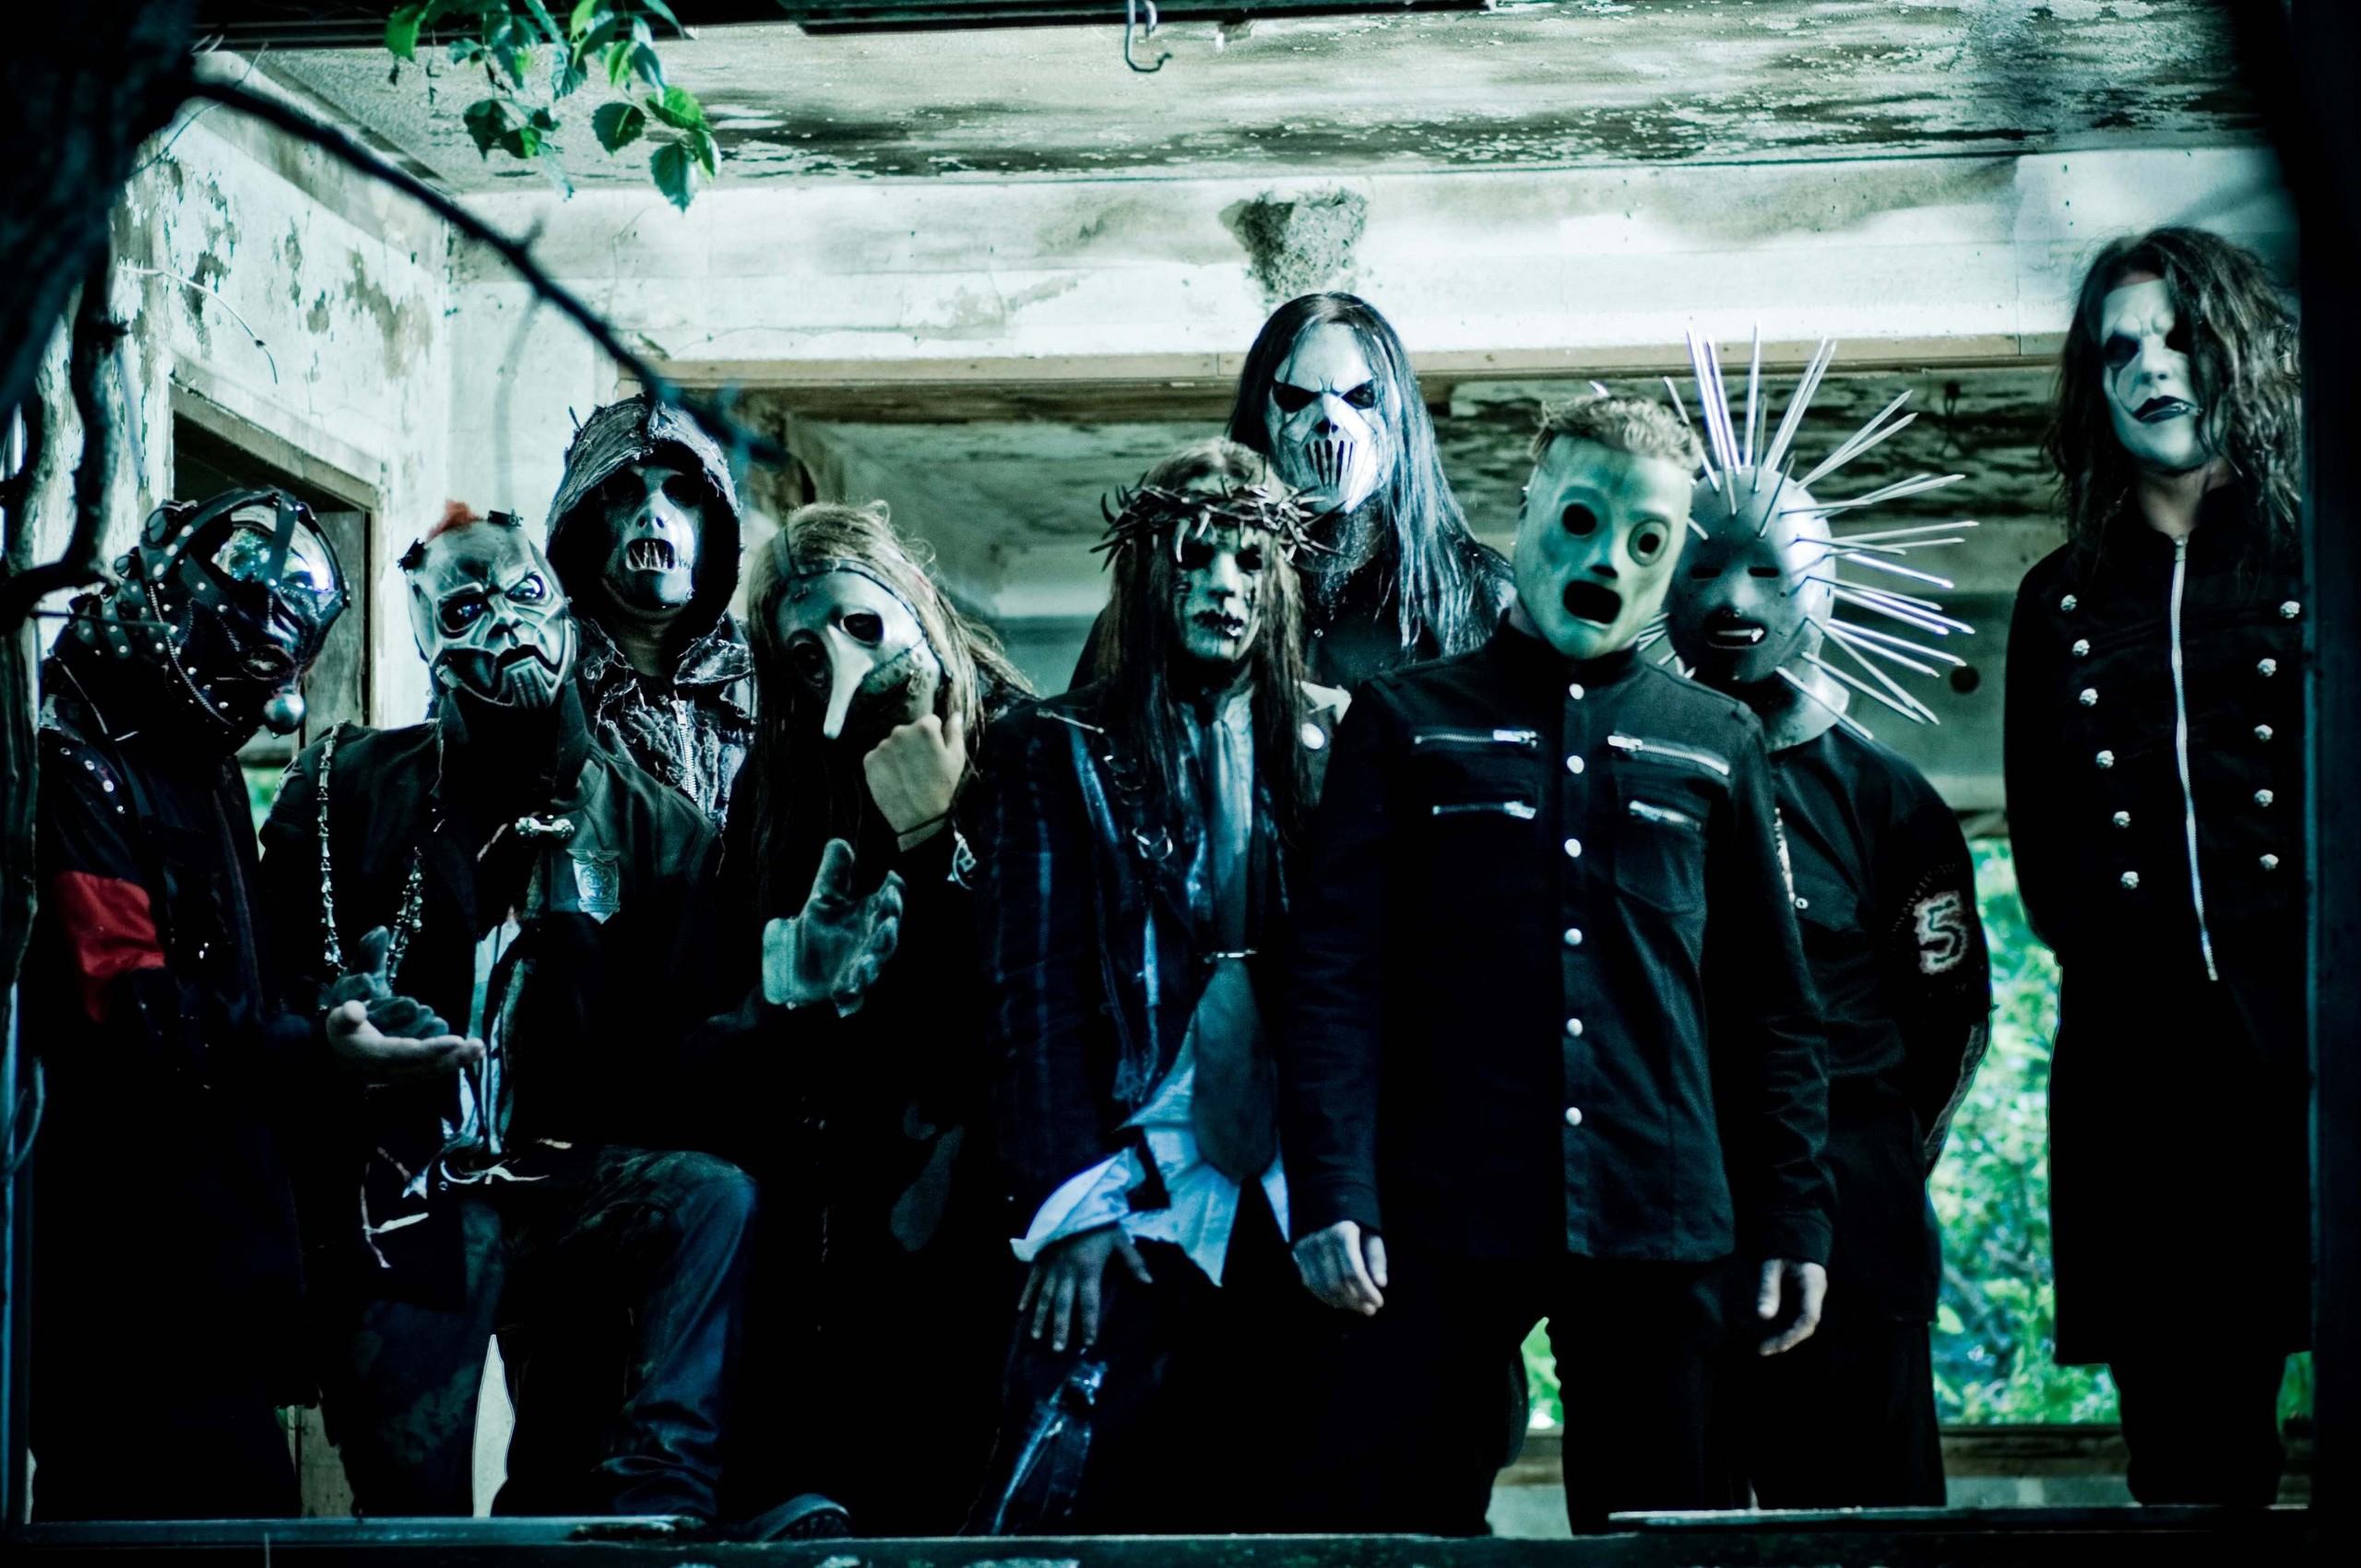 Slipknot Wallpapers Hq